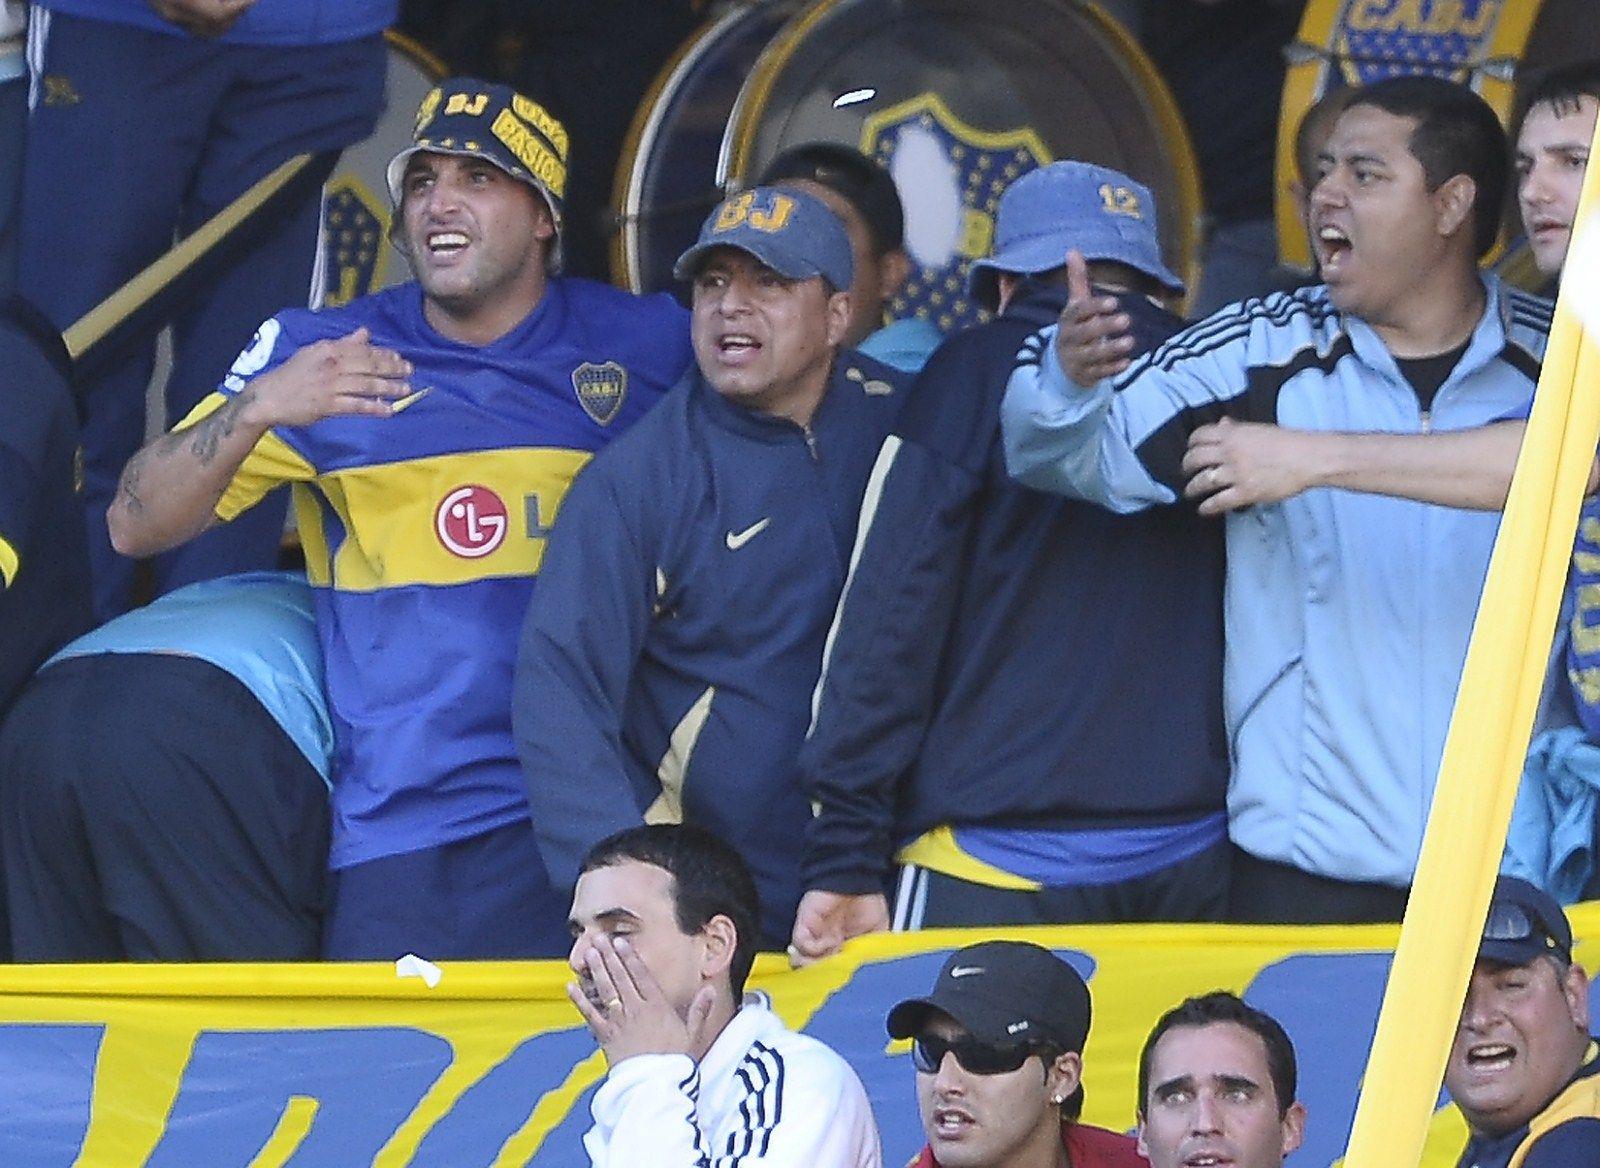 Confirmaron condena contra el barra de Boca Mauro Martín